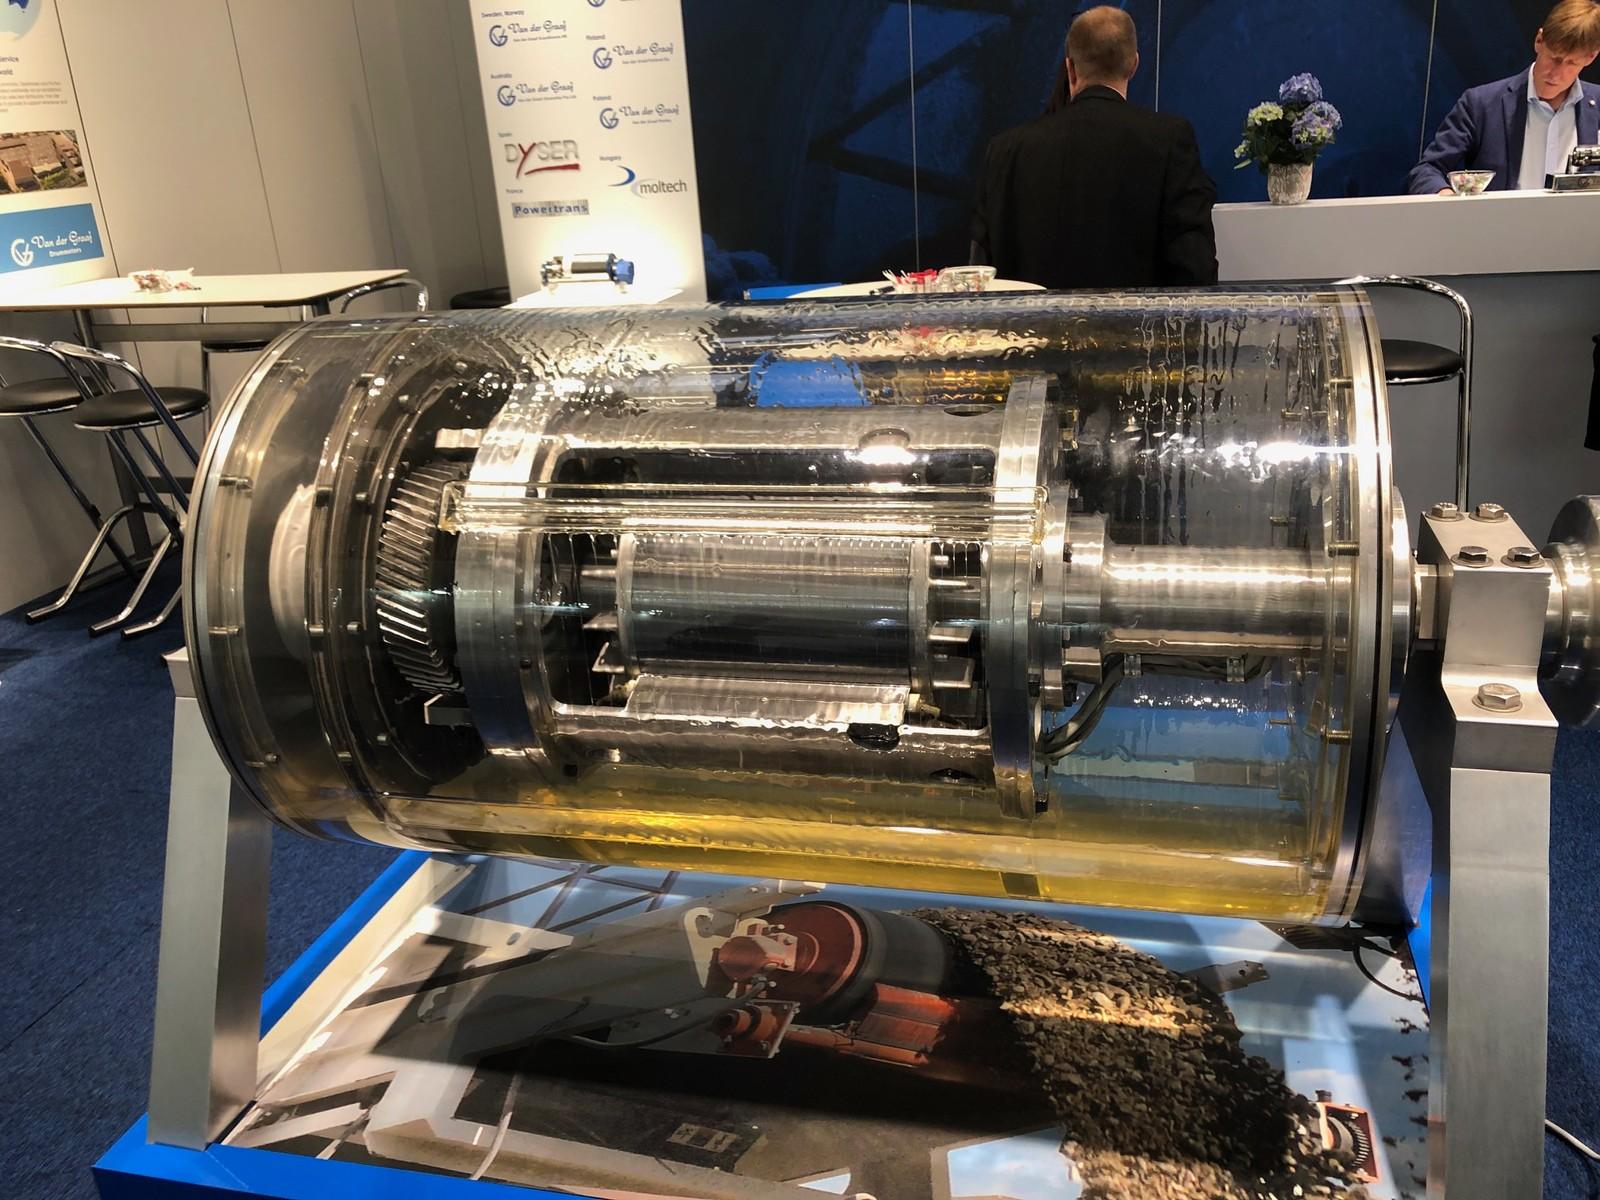 Modell eines Trommelmotors von der Firma Van der Graaf.